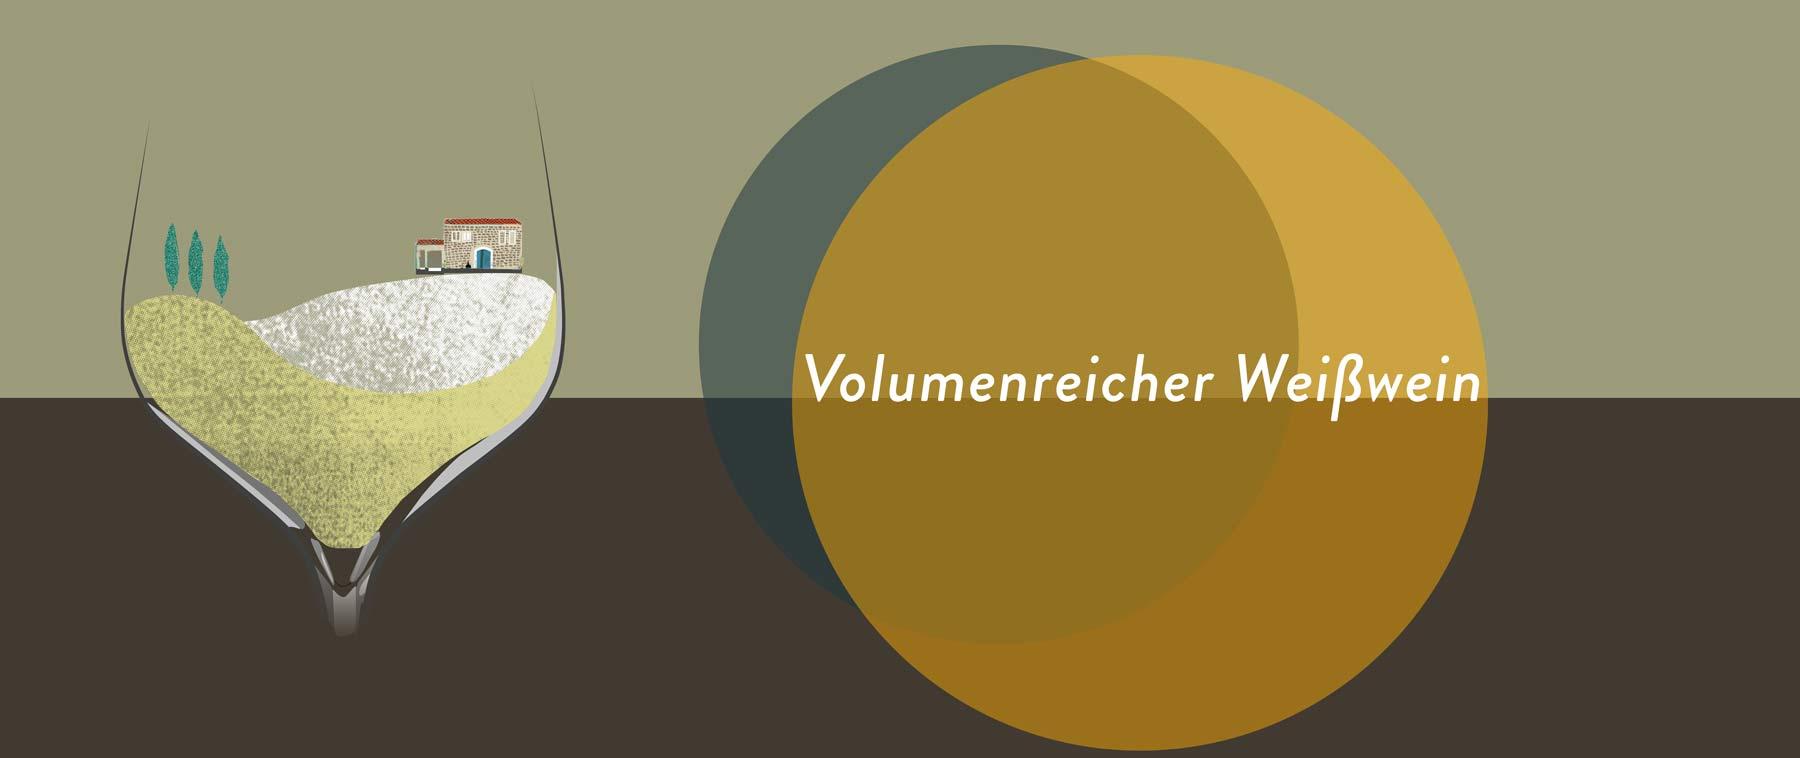 Volumenreiche Weißweine stammen von Rebsorten wie Chardonnay und wurden oft im Holz ausgebaut